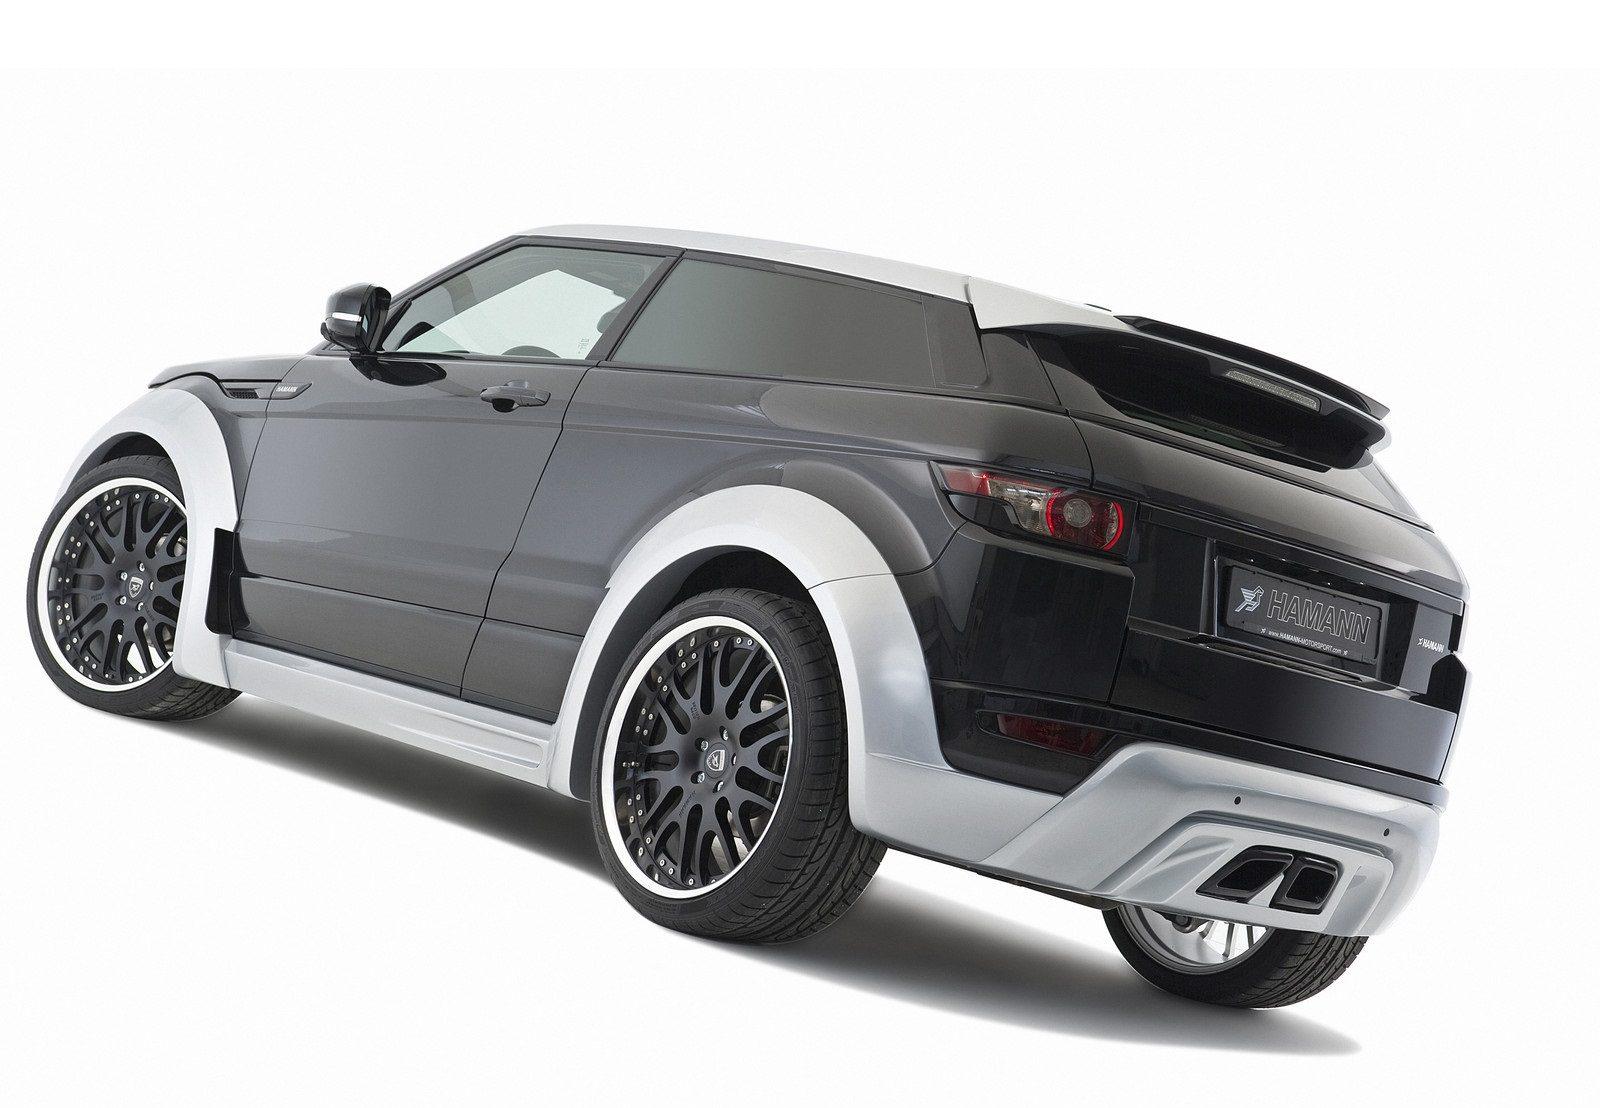 Range Rover Evoque Tuning E Cerchi In Lega Ruotequipe